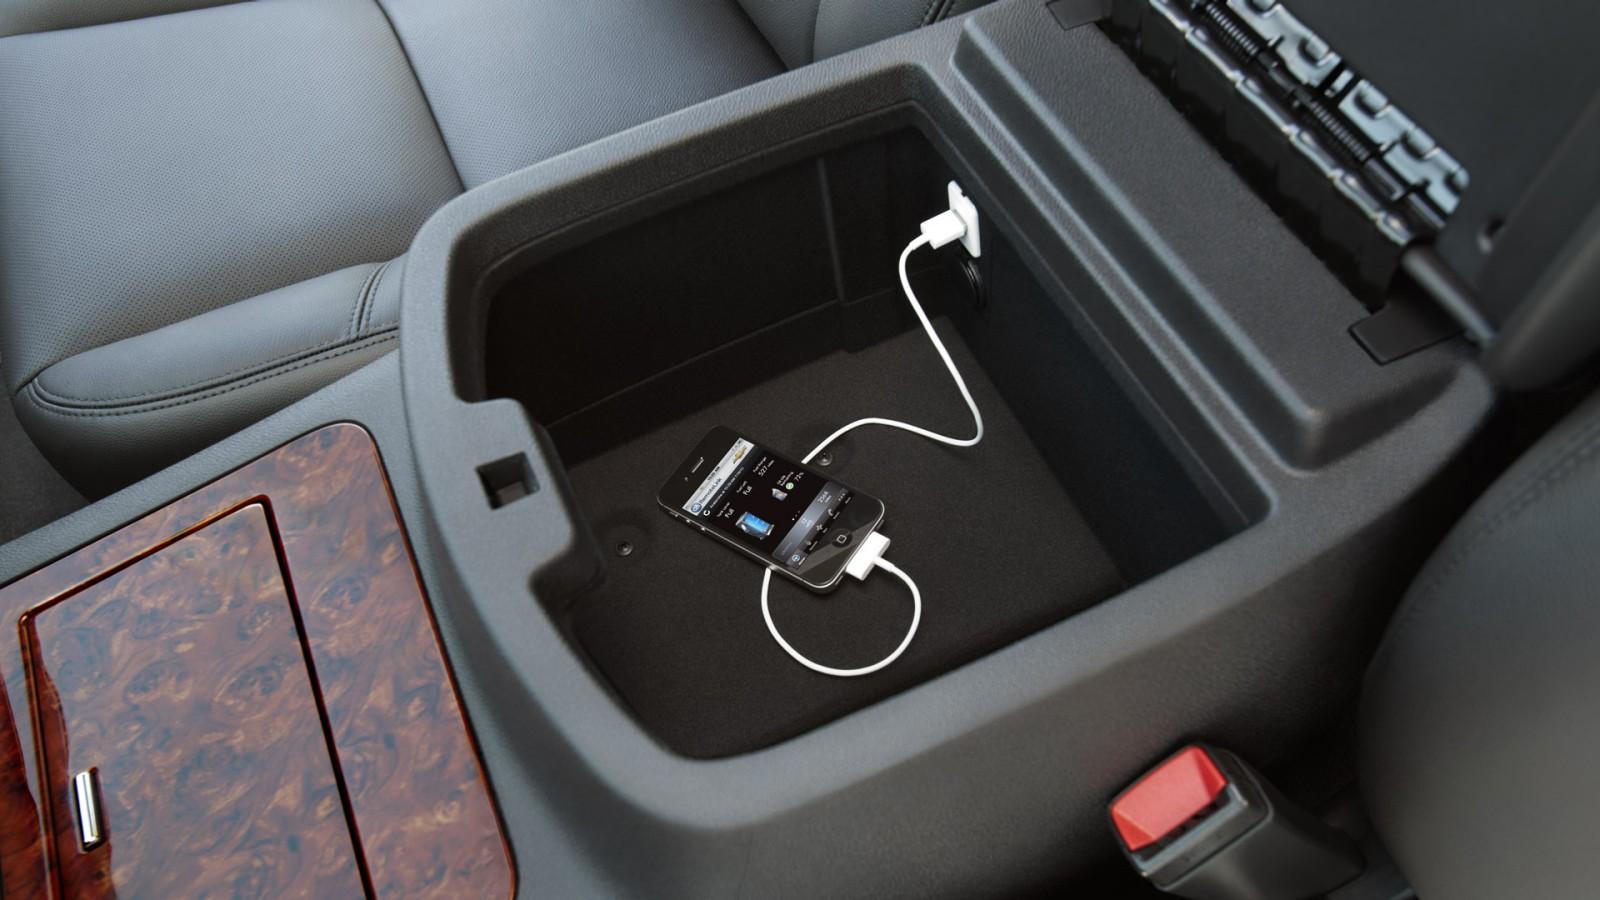 http://3.bp.blogspot.com/-Tmov_9LvBZg/UJXJc5IaADI/AAAAAAAAHME/H0ziQqwIihU/s1600/Chevrolet-Suburban-SUV-2013-interior-ipod-conector.jpg